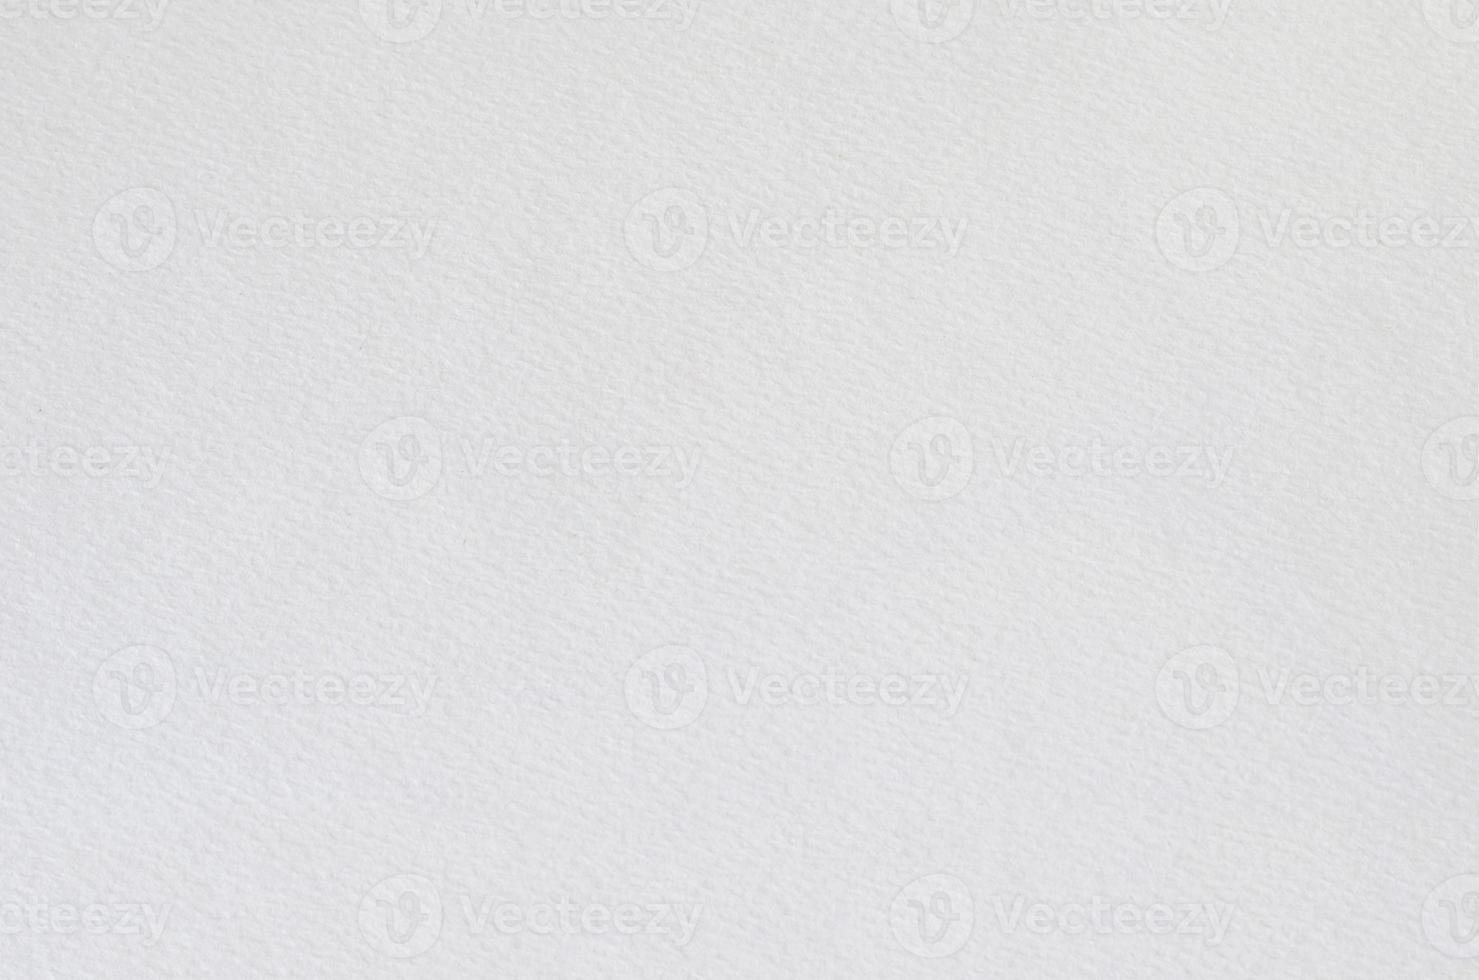 trama del libro bianco foto